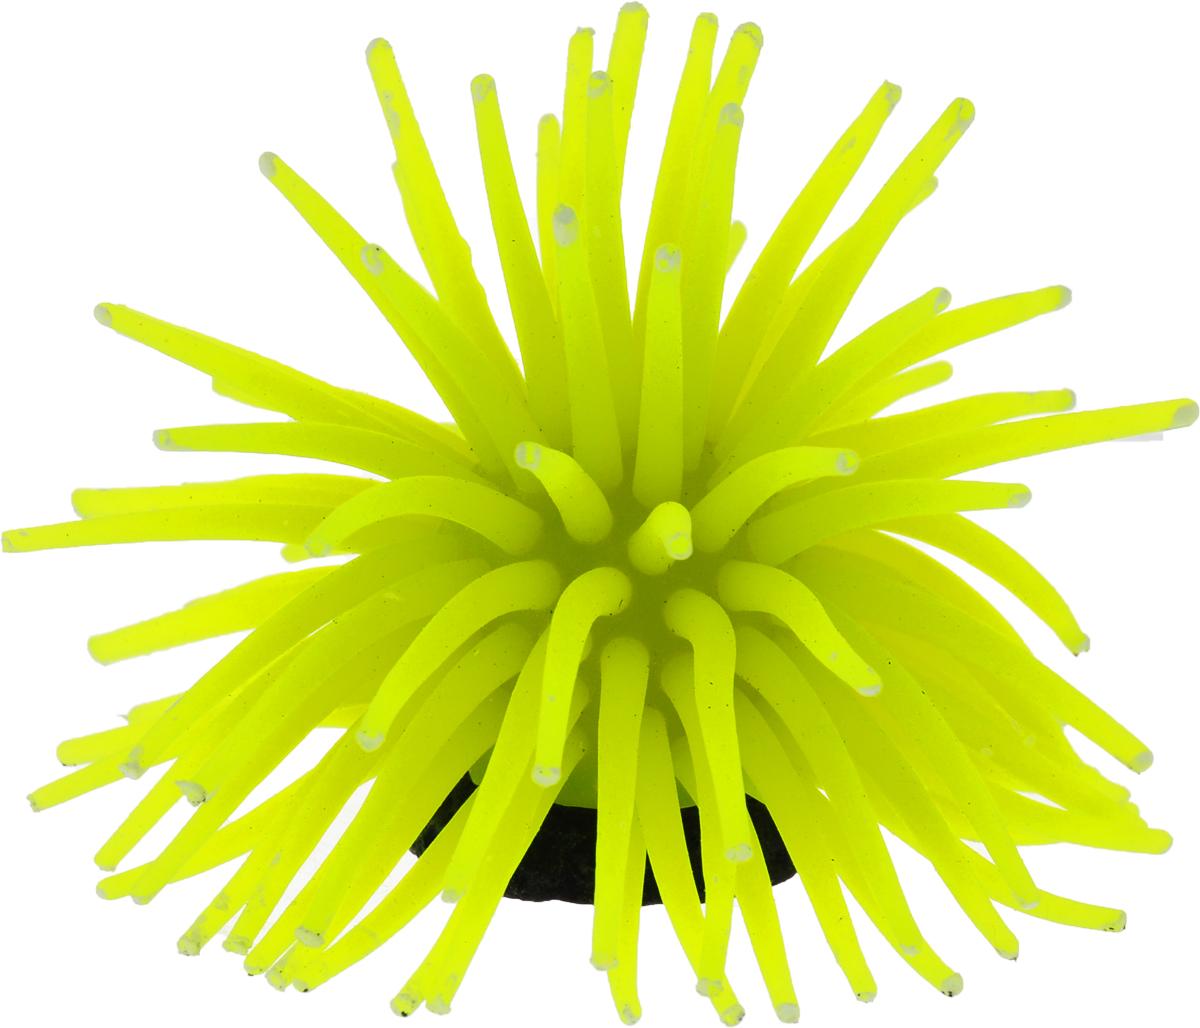 Коралл для аквариума Уют Разноцветные щупальца, силиконовый, цвет: желтый, 8 х 8 х 7 см распылитель воздуха для аквариума barbus белый корундовый 1 8 х 1 8 х 5 см